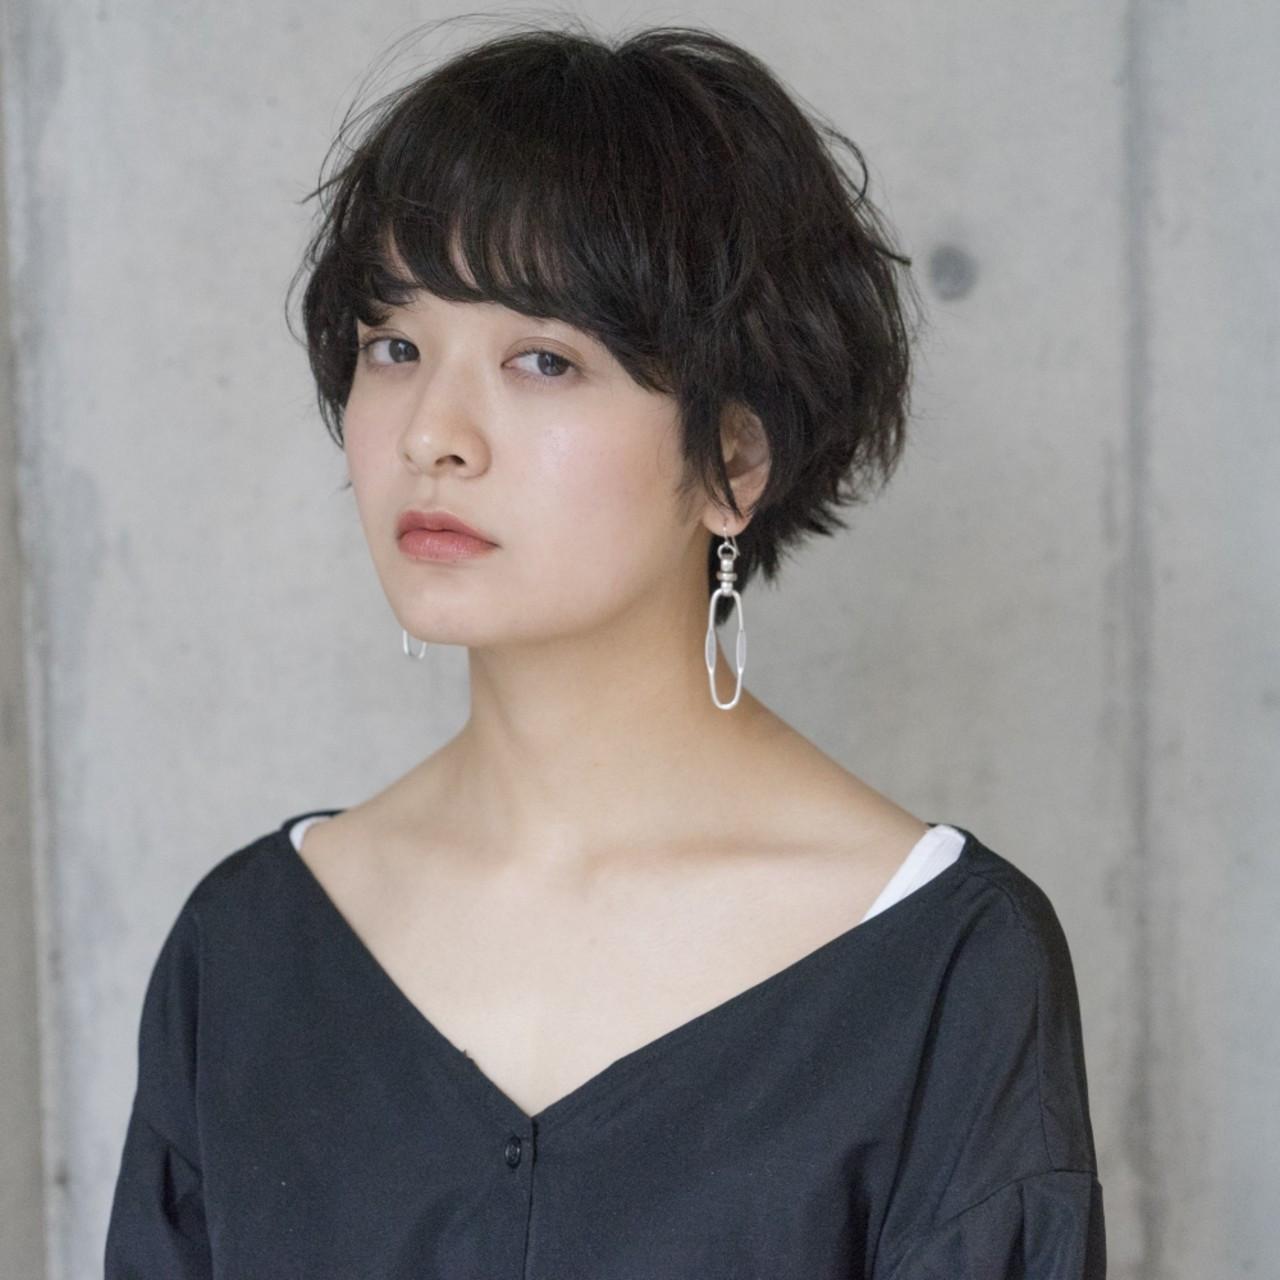 黒髪ショートボブヘアスタイル タカハシ アヤミ